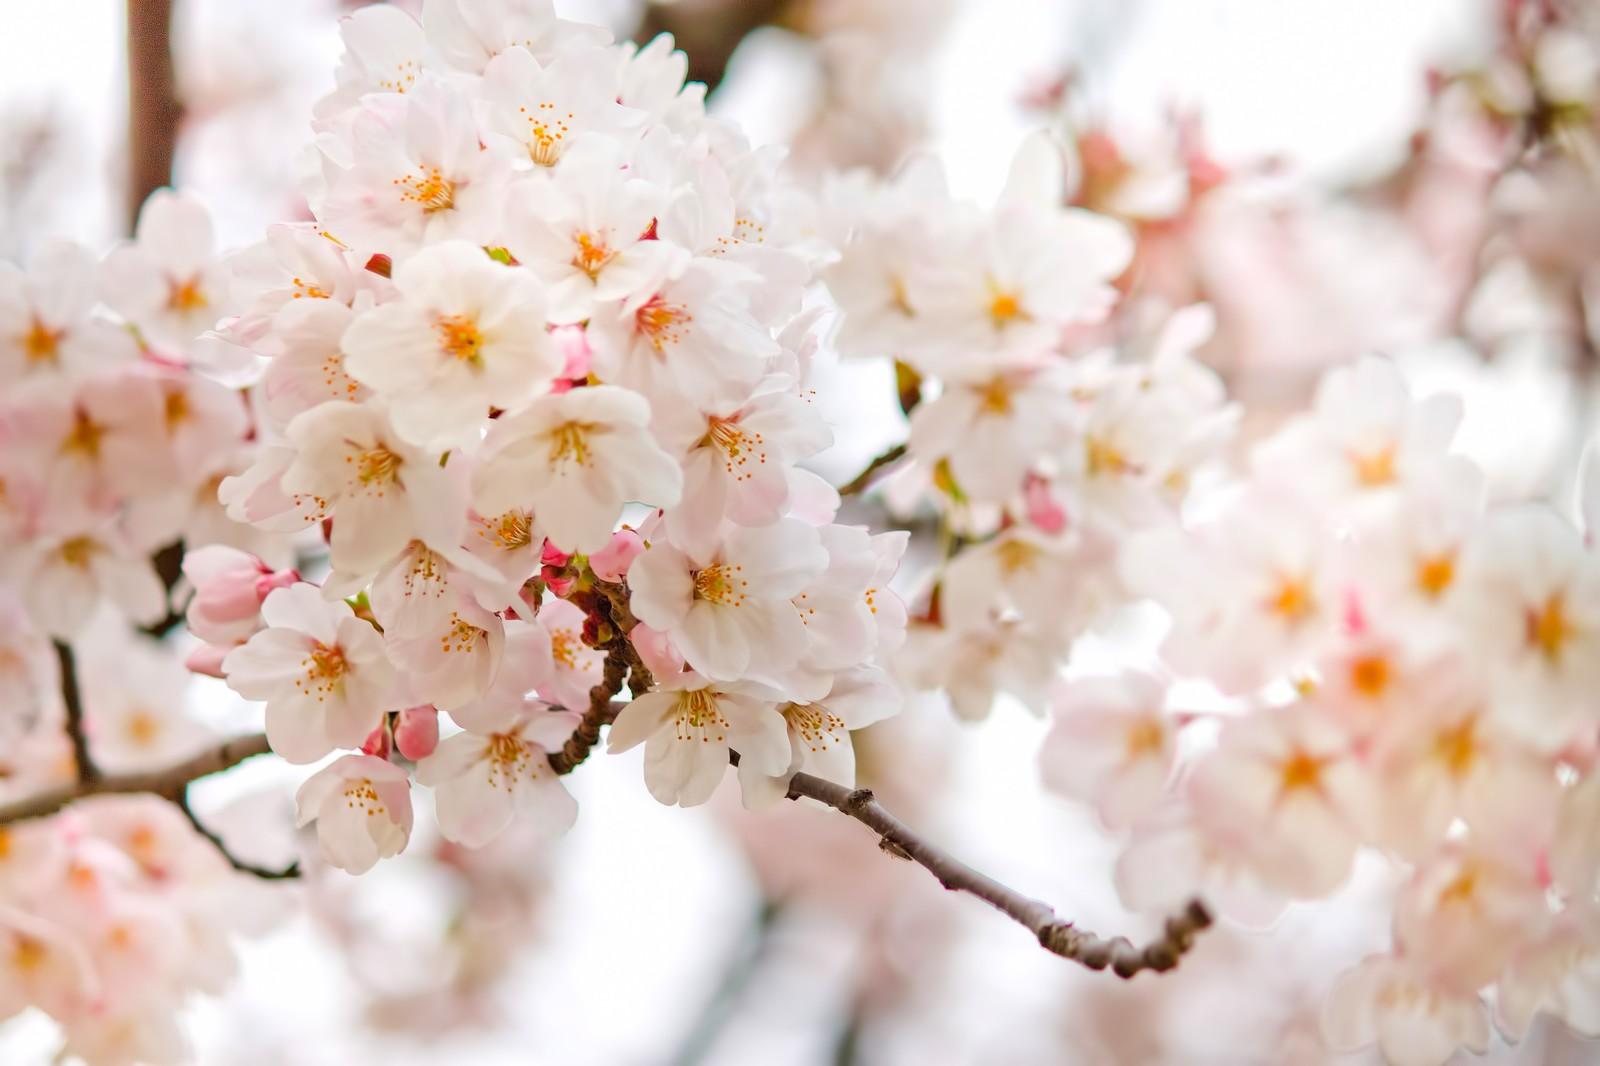 上野公園のお花見で買い出しができるお店5選と飲料配達利用のすすめ